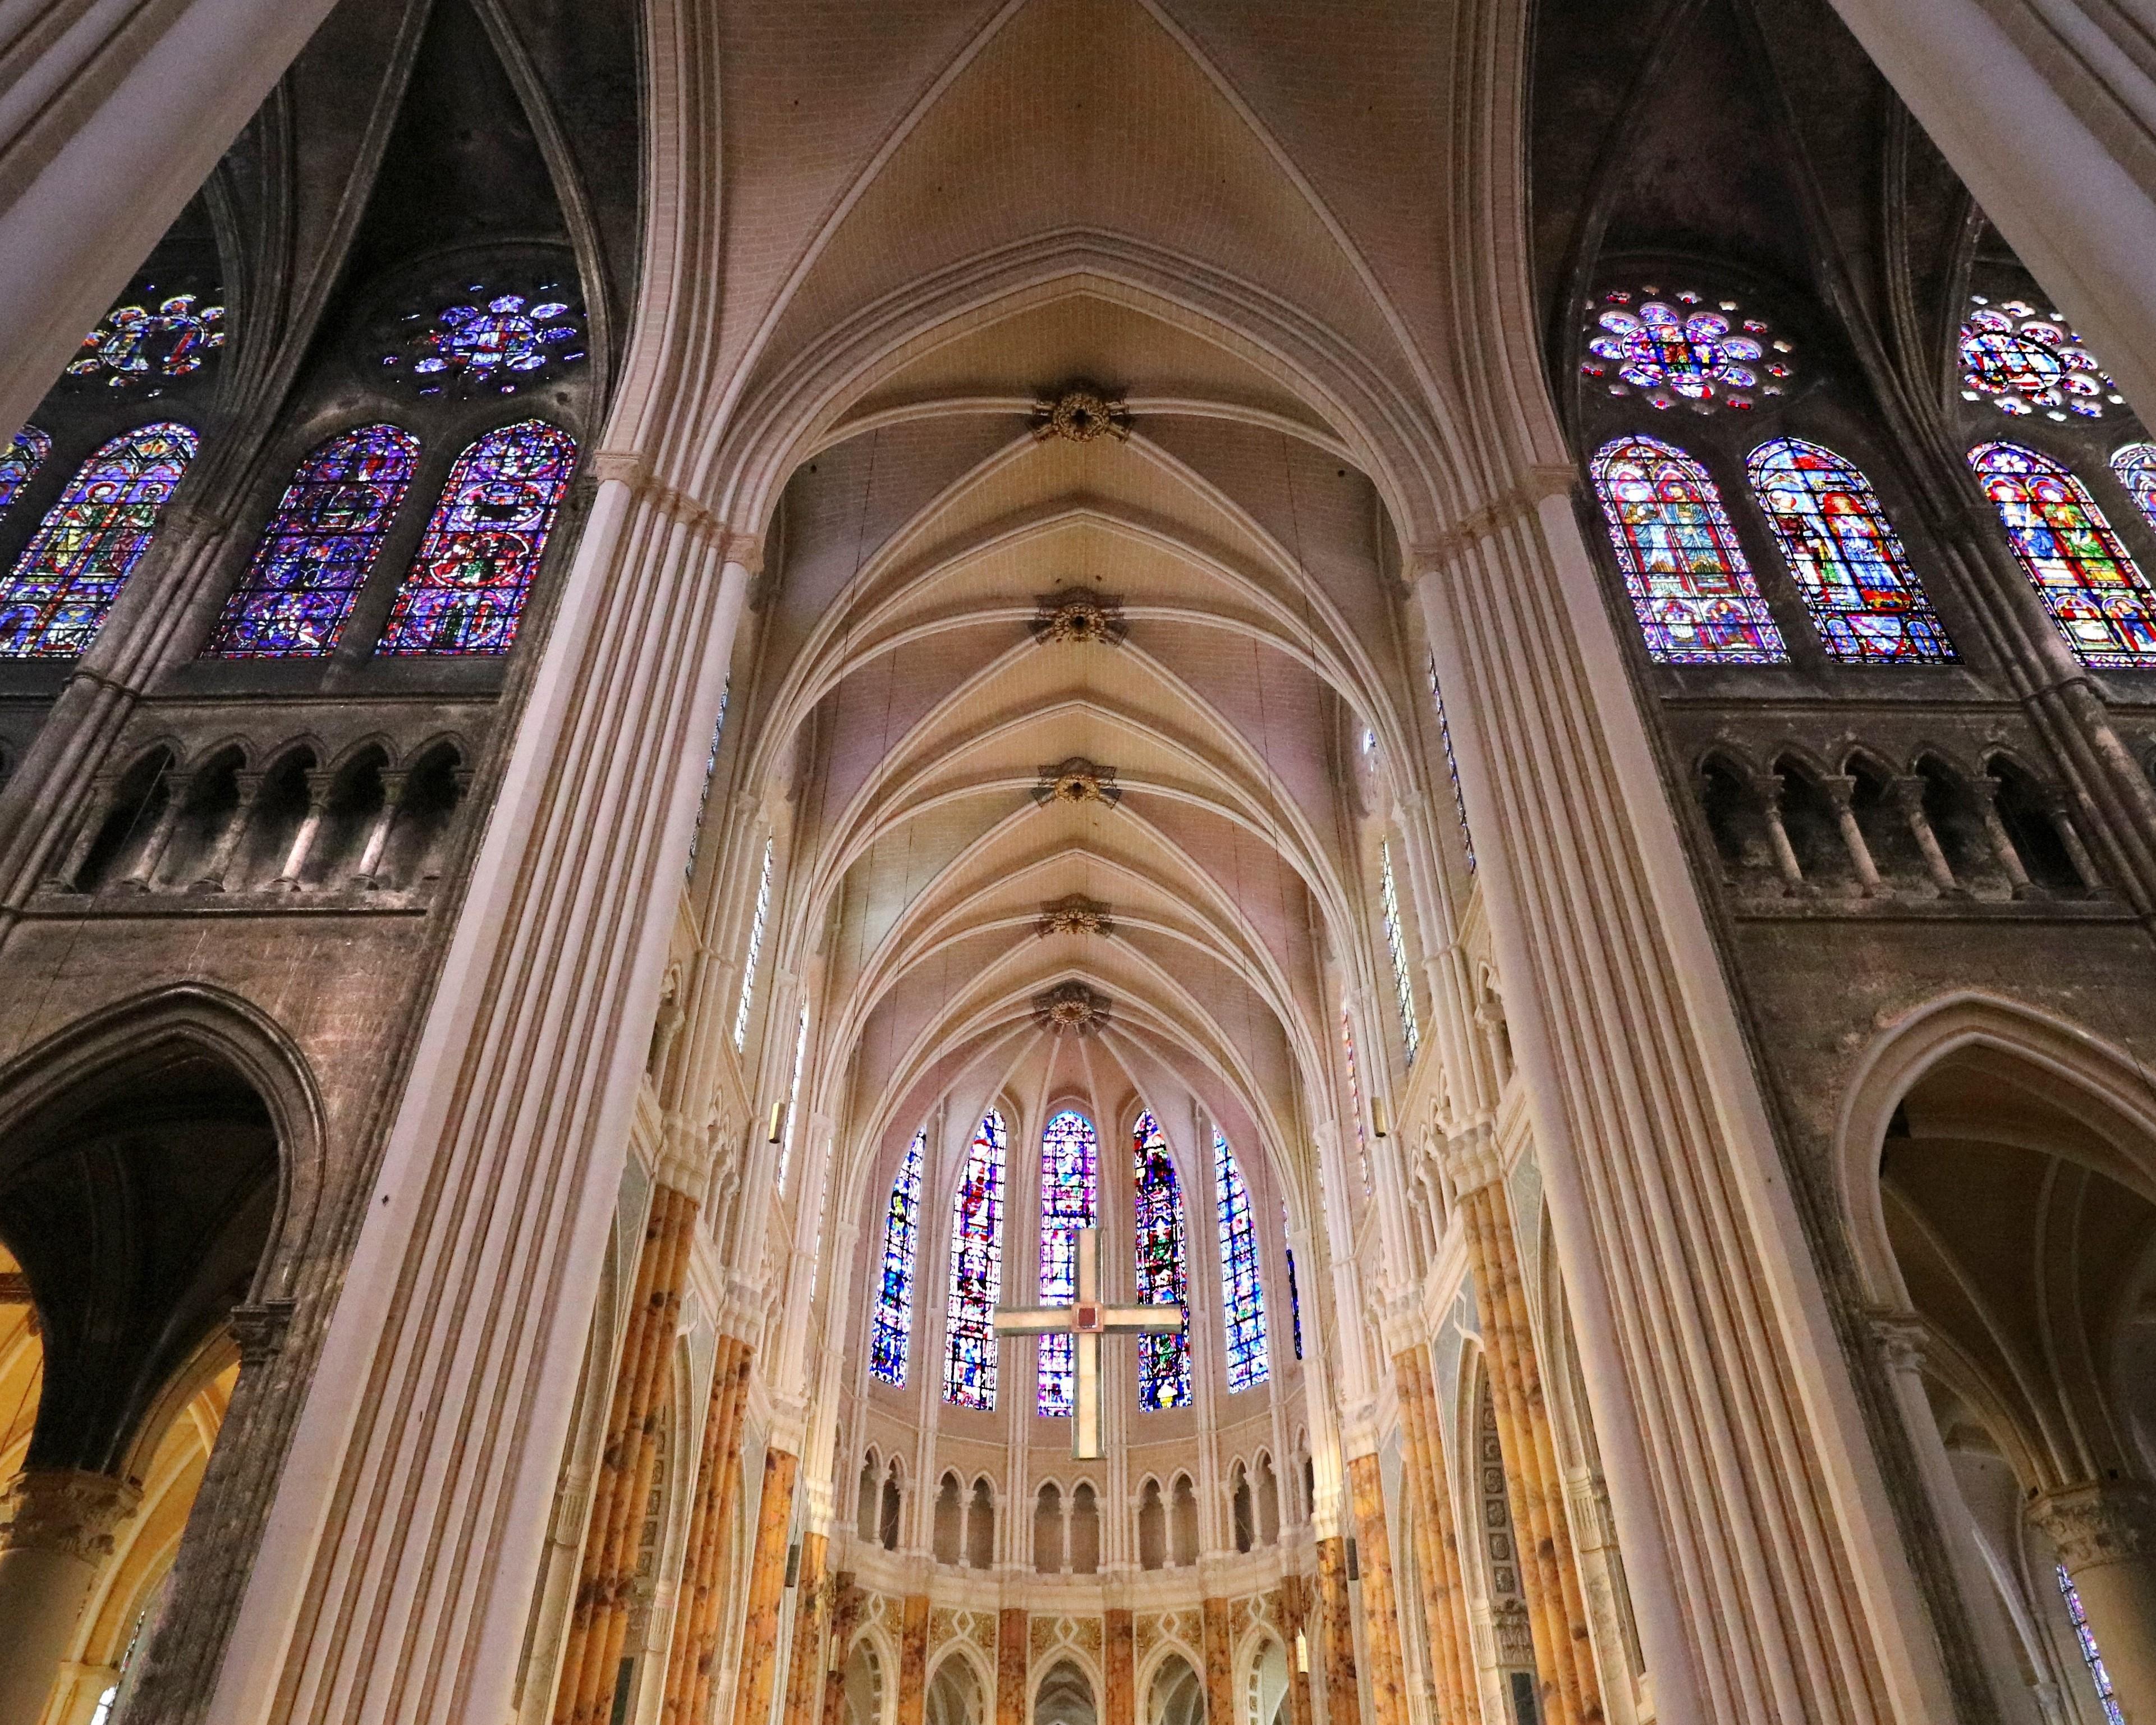 La cathédrale de Chartres détientle plus vaste ensemble de vitraux médiévaux du monde - DR : Moriceau Basile, CRT Centre-Val de Loire